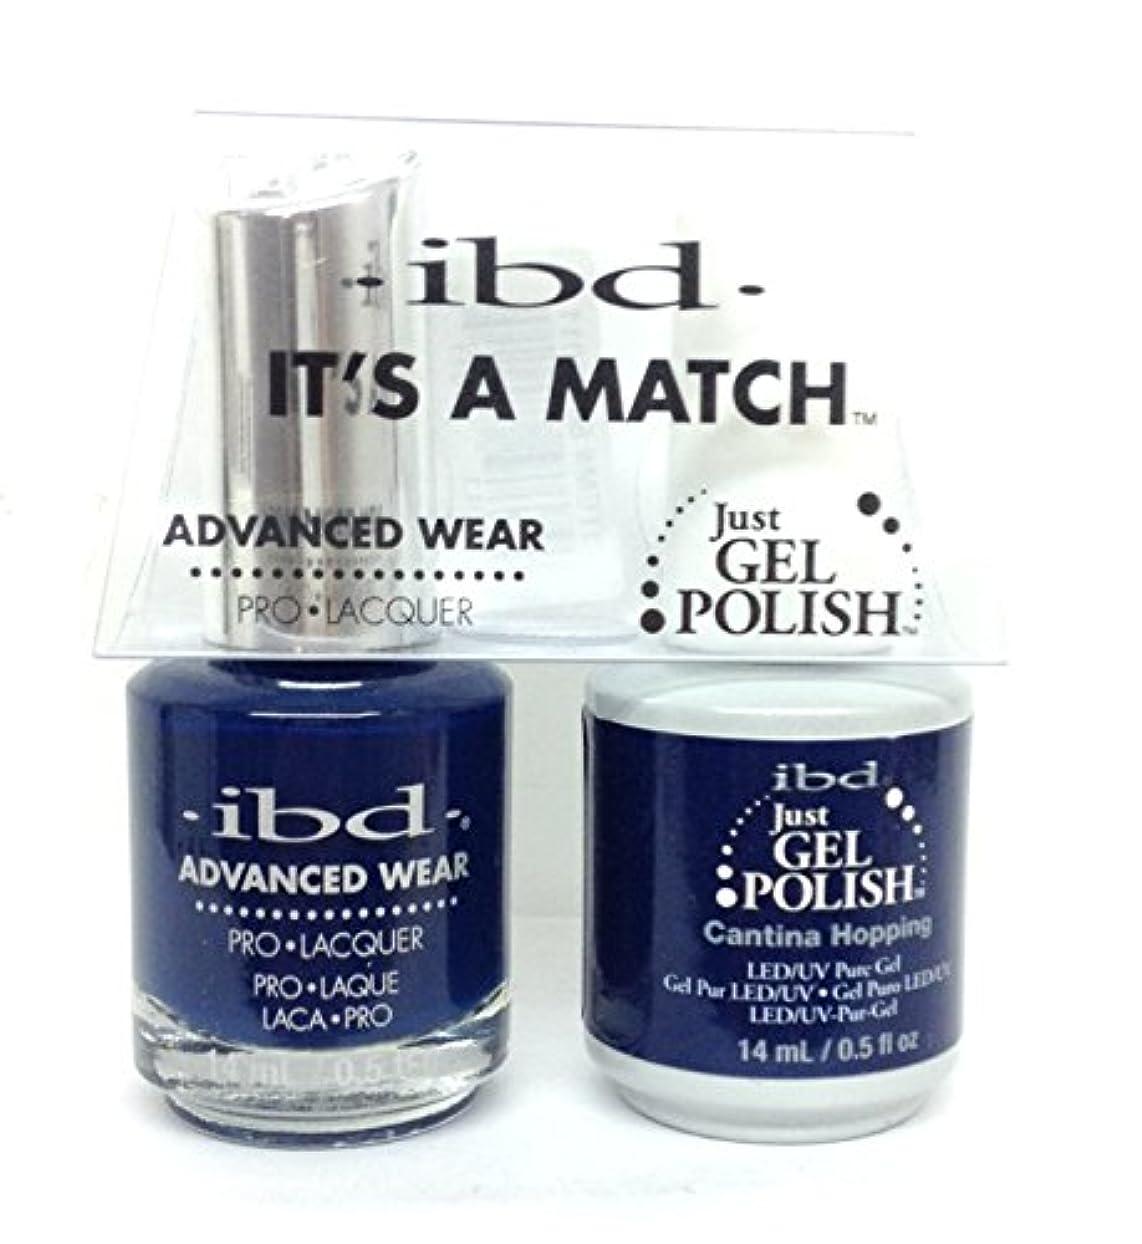 遺棄された結び目推定ibd - It's A Match -Duo Pack- Love Lola Collection - Cantina Hopping - 14 mL / 0.5 oz Each